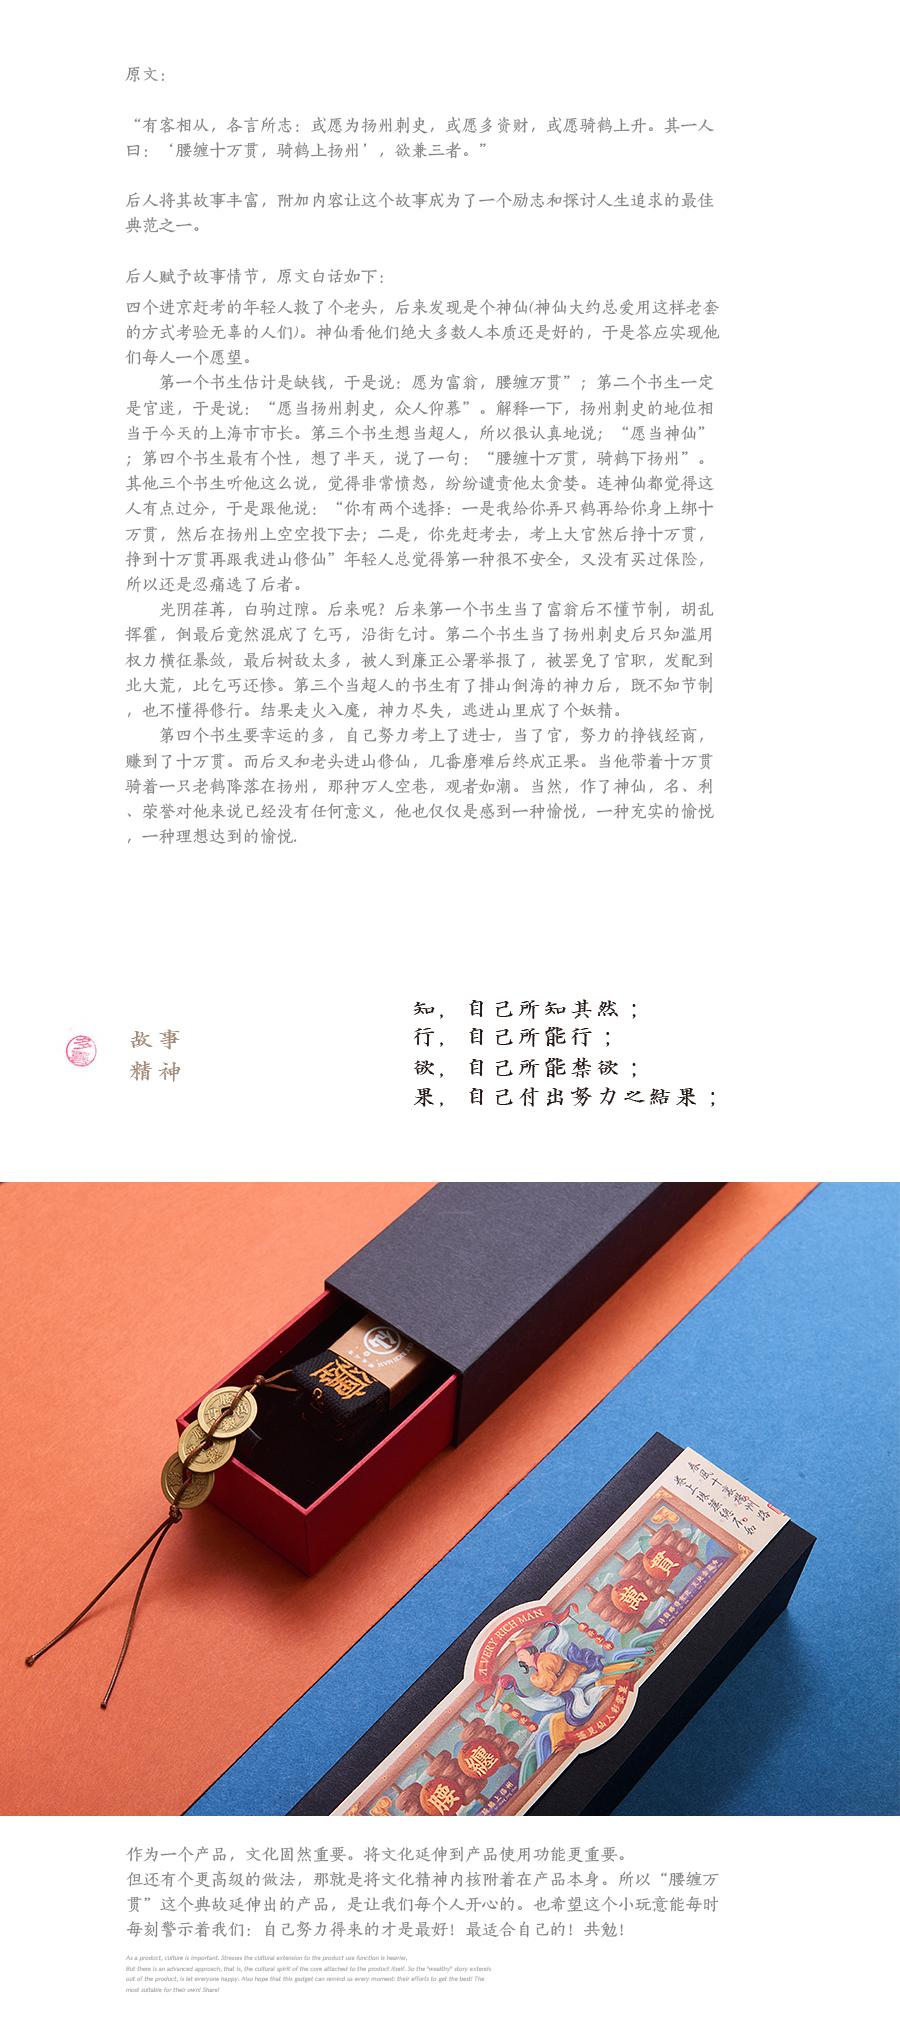 钟馗杂货夜堂包装设计.jpg